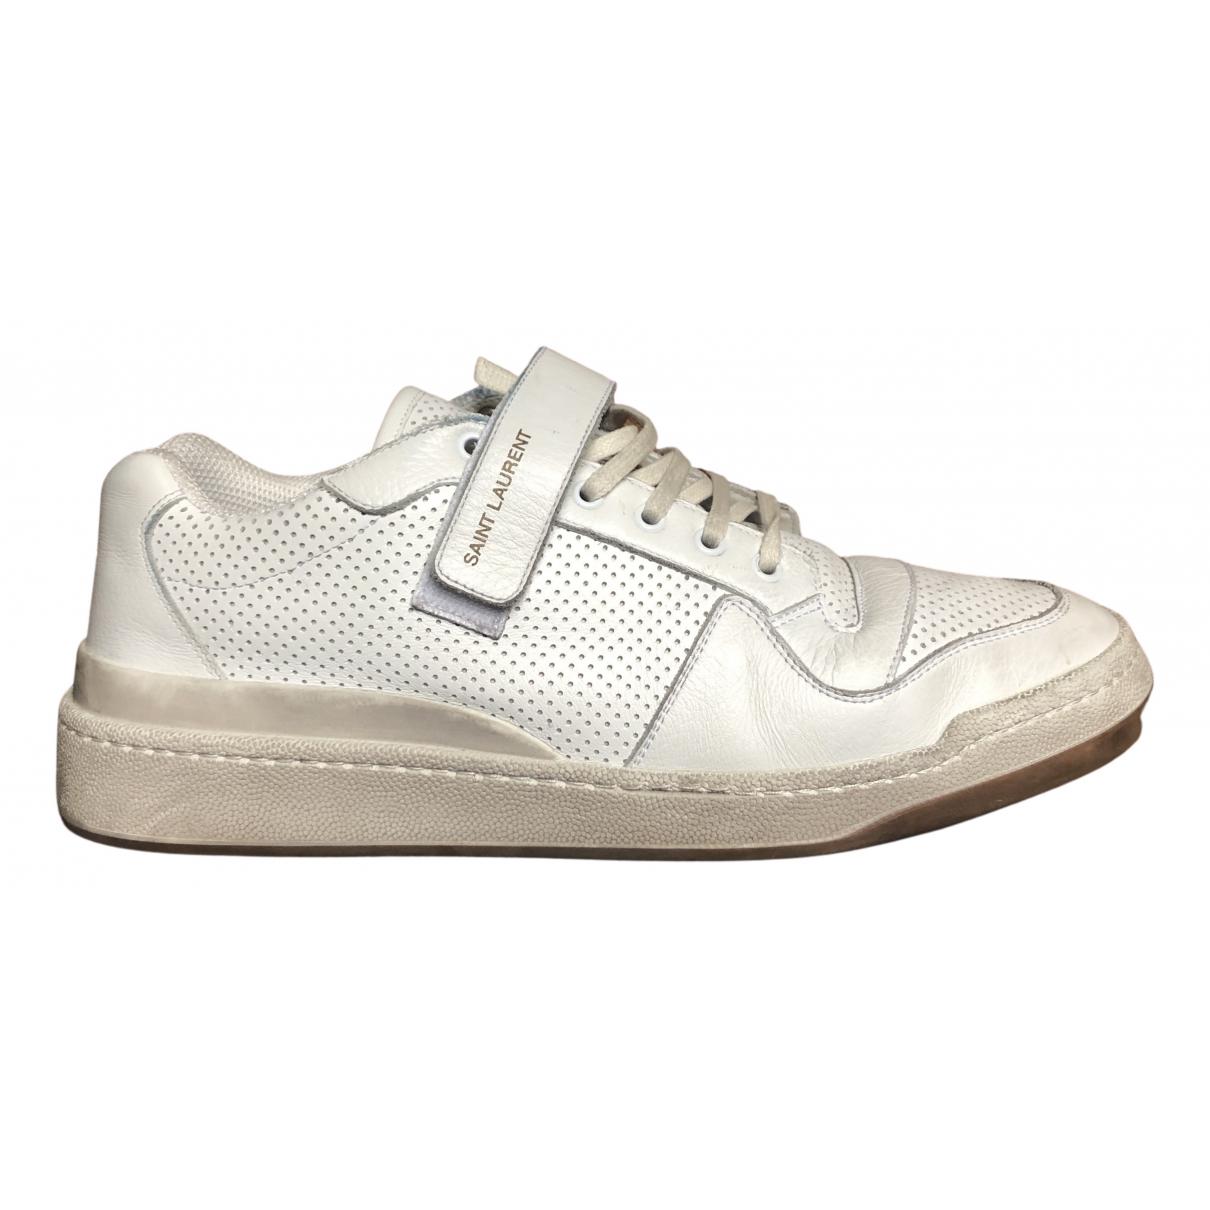 Saint Laurent - Baskets SL24 pour homme en cuir - blanc